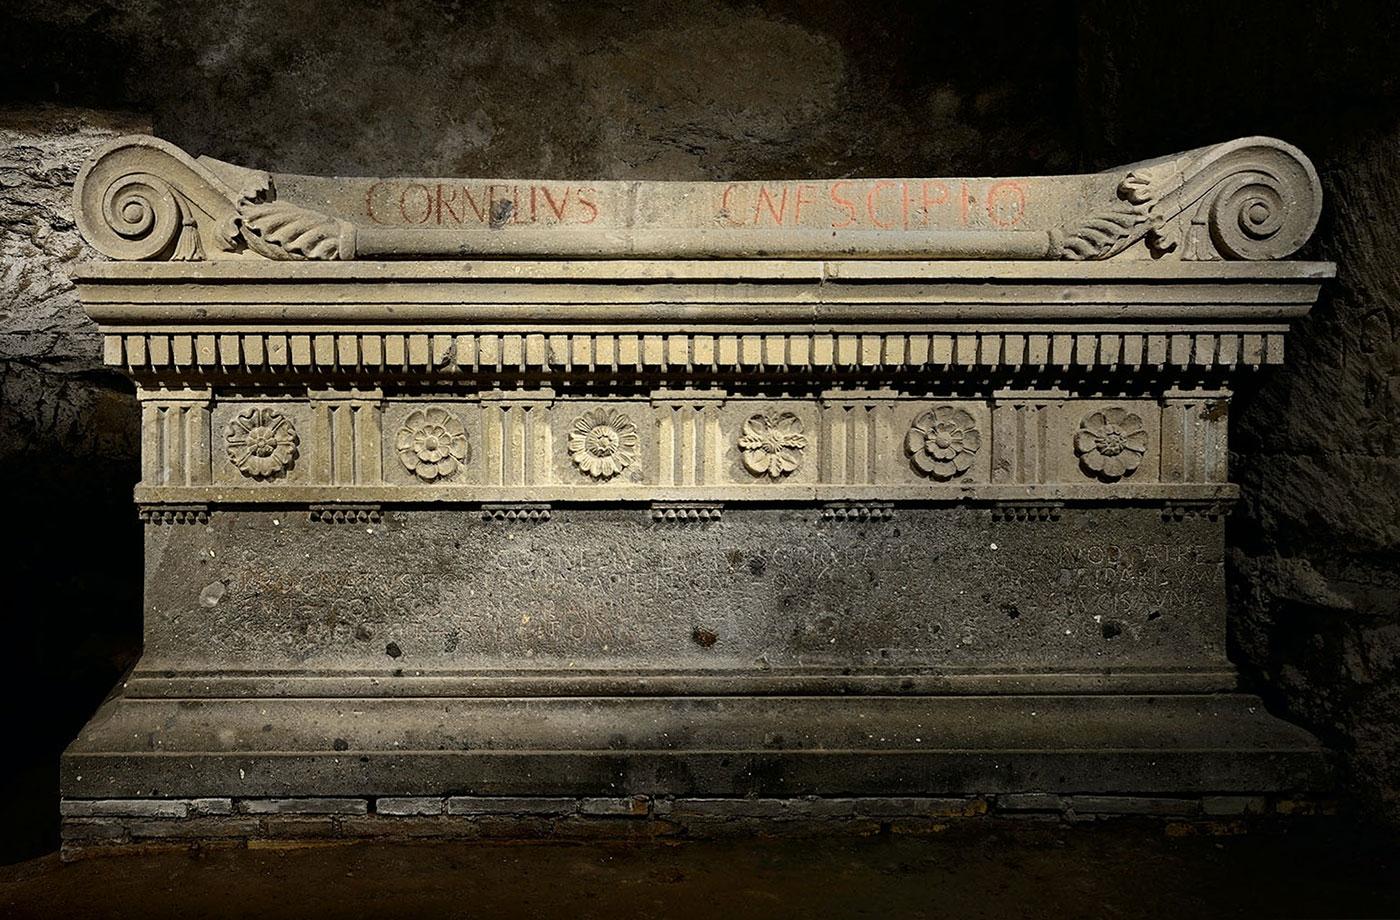 Sarcophagus of Cornelius Lucius Scipio Barbatus